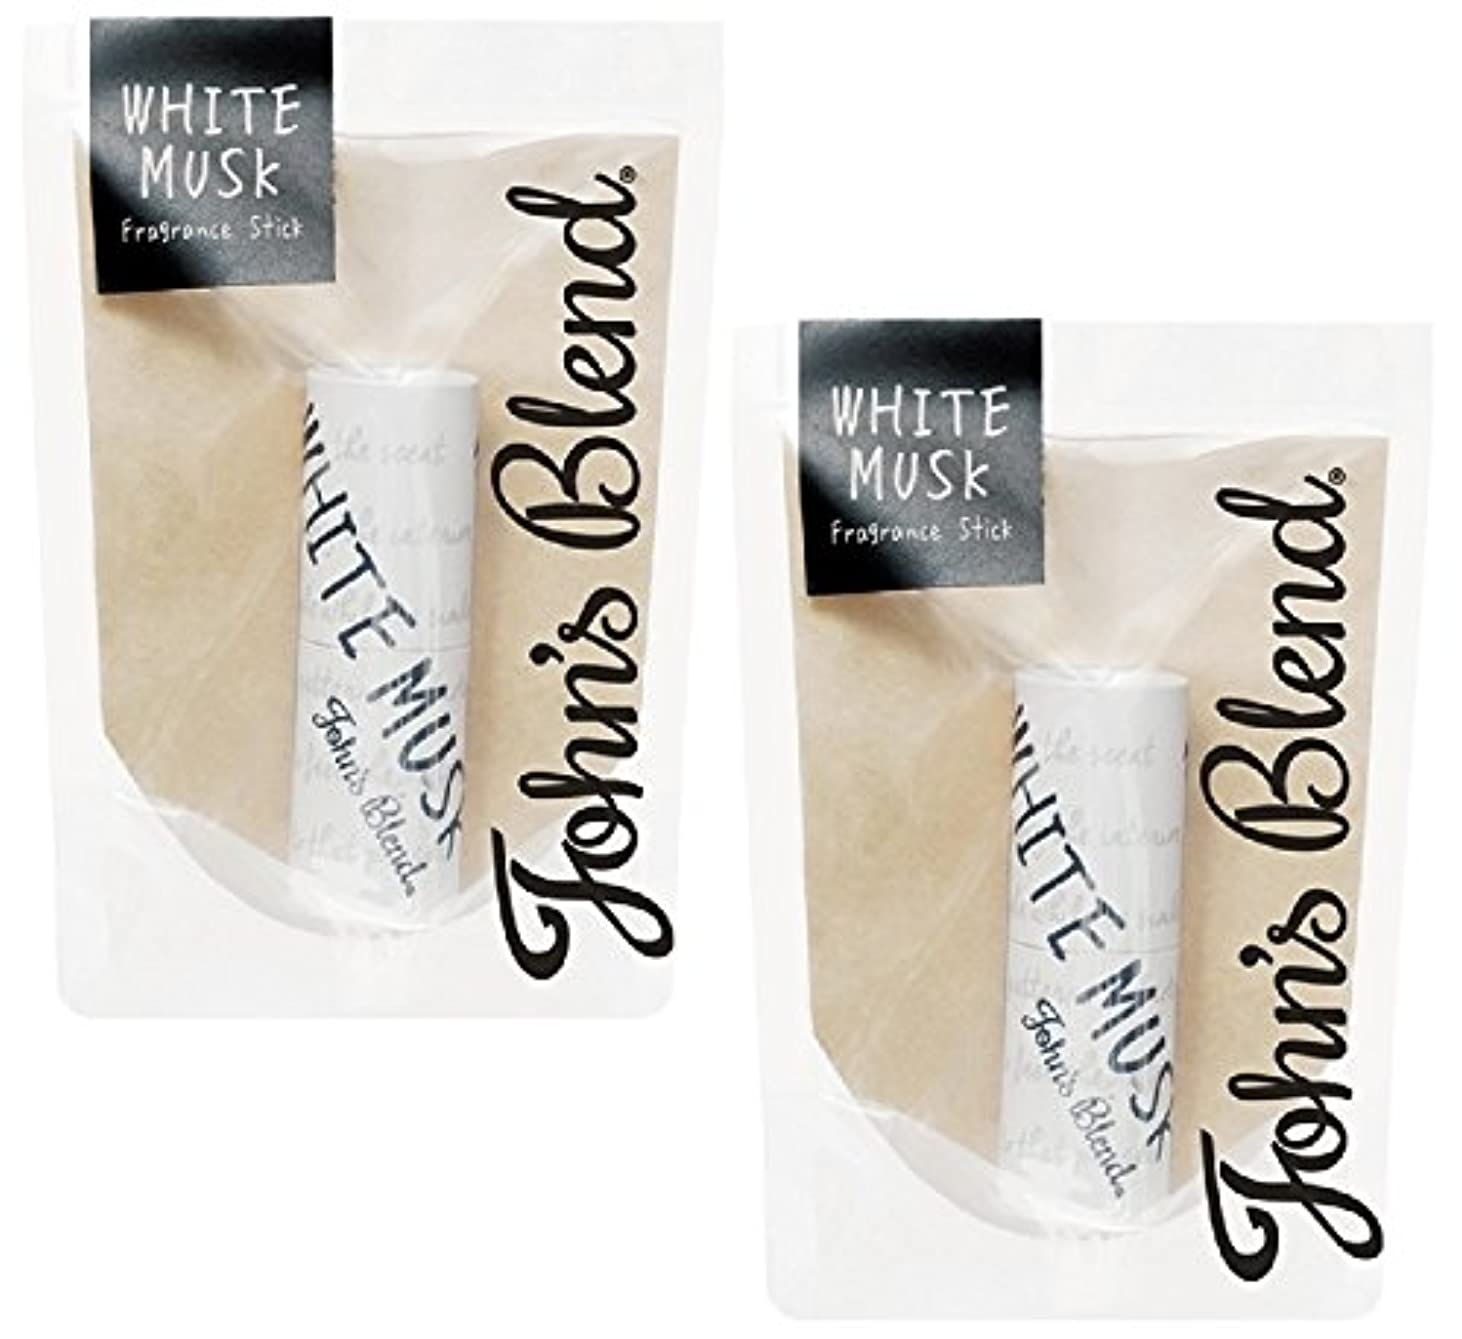 急性テクニカル増幅する【2個セット】Johns Blend 練り香水 フレグランス スティック ホワイトムスク の香り OZ-JOD-3-1